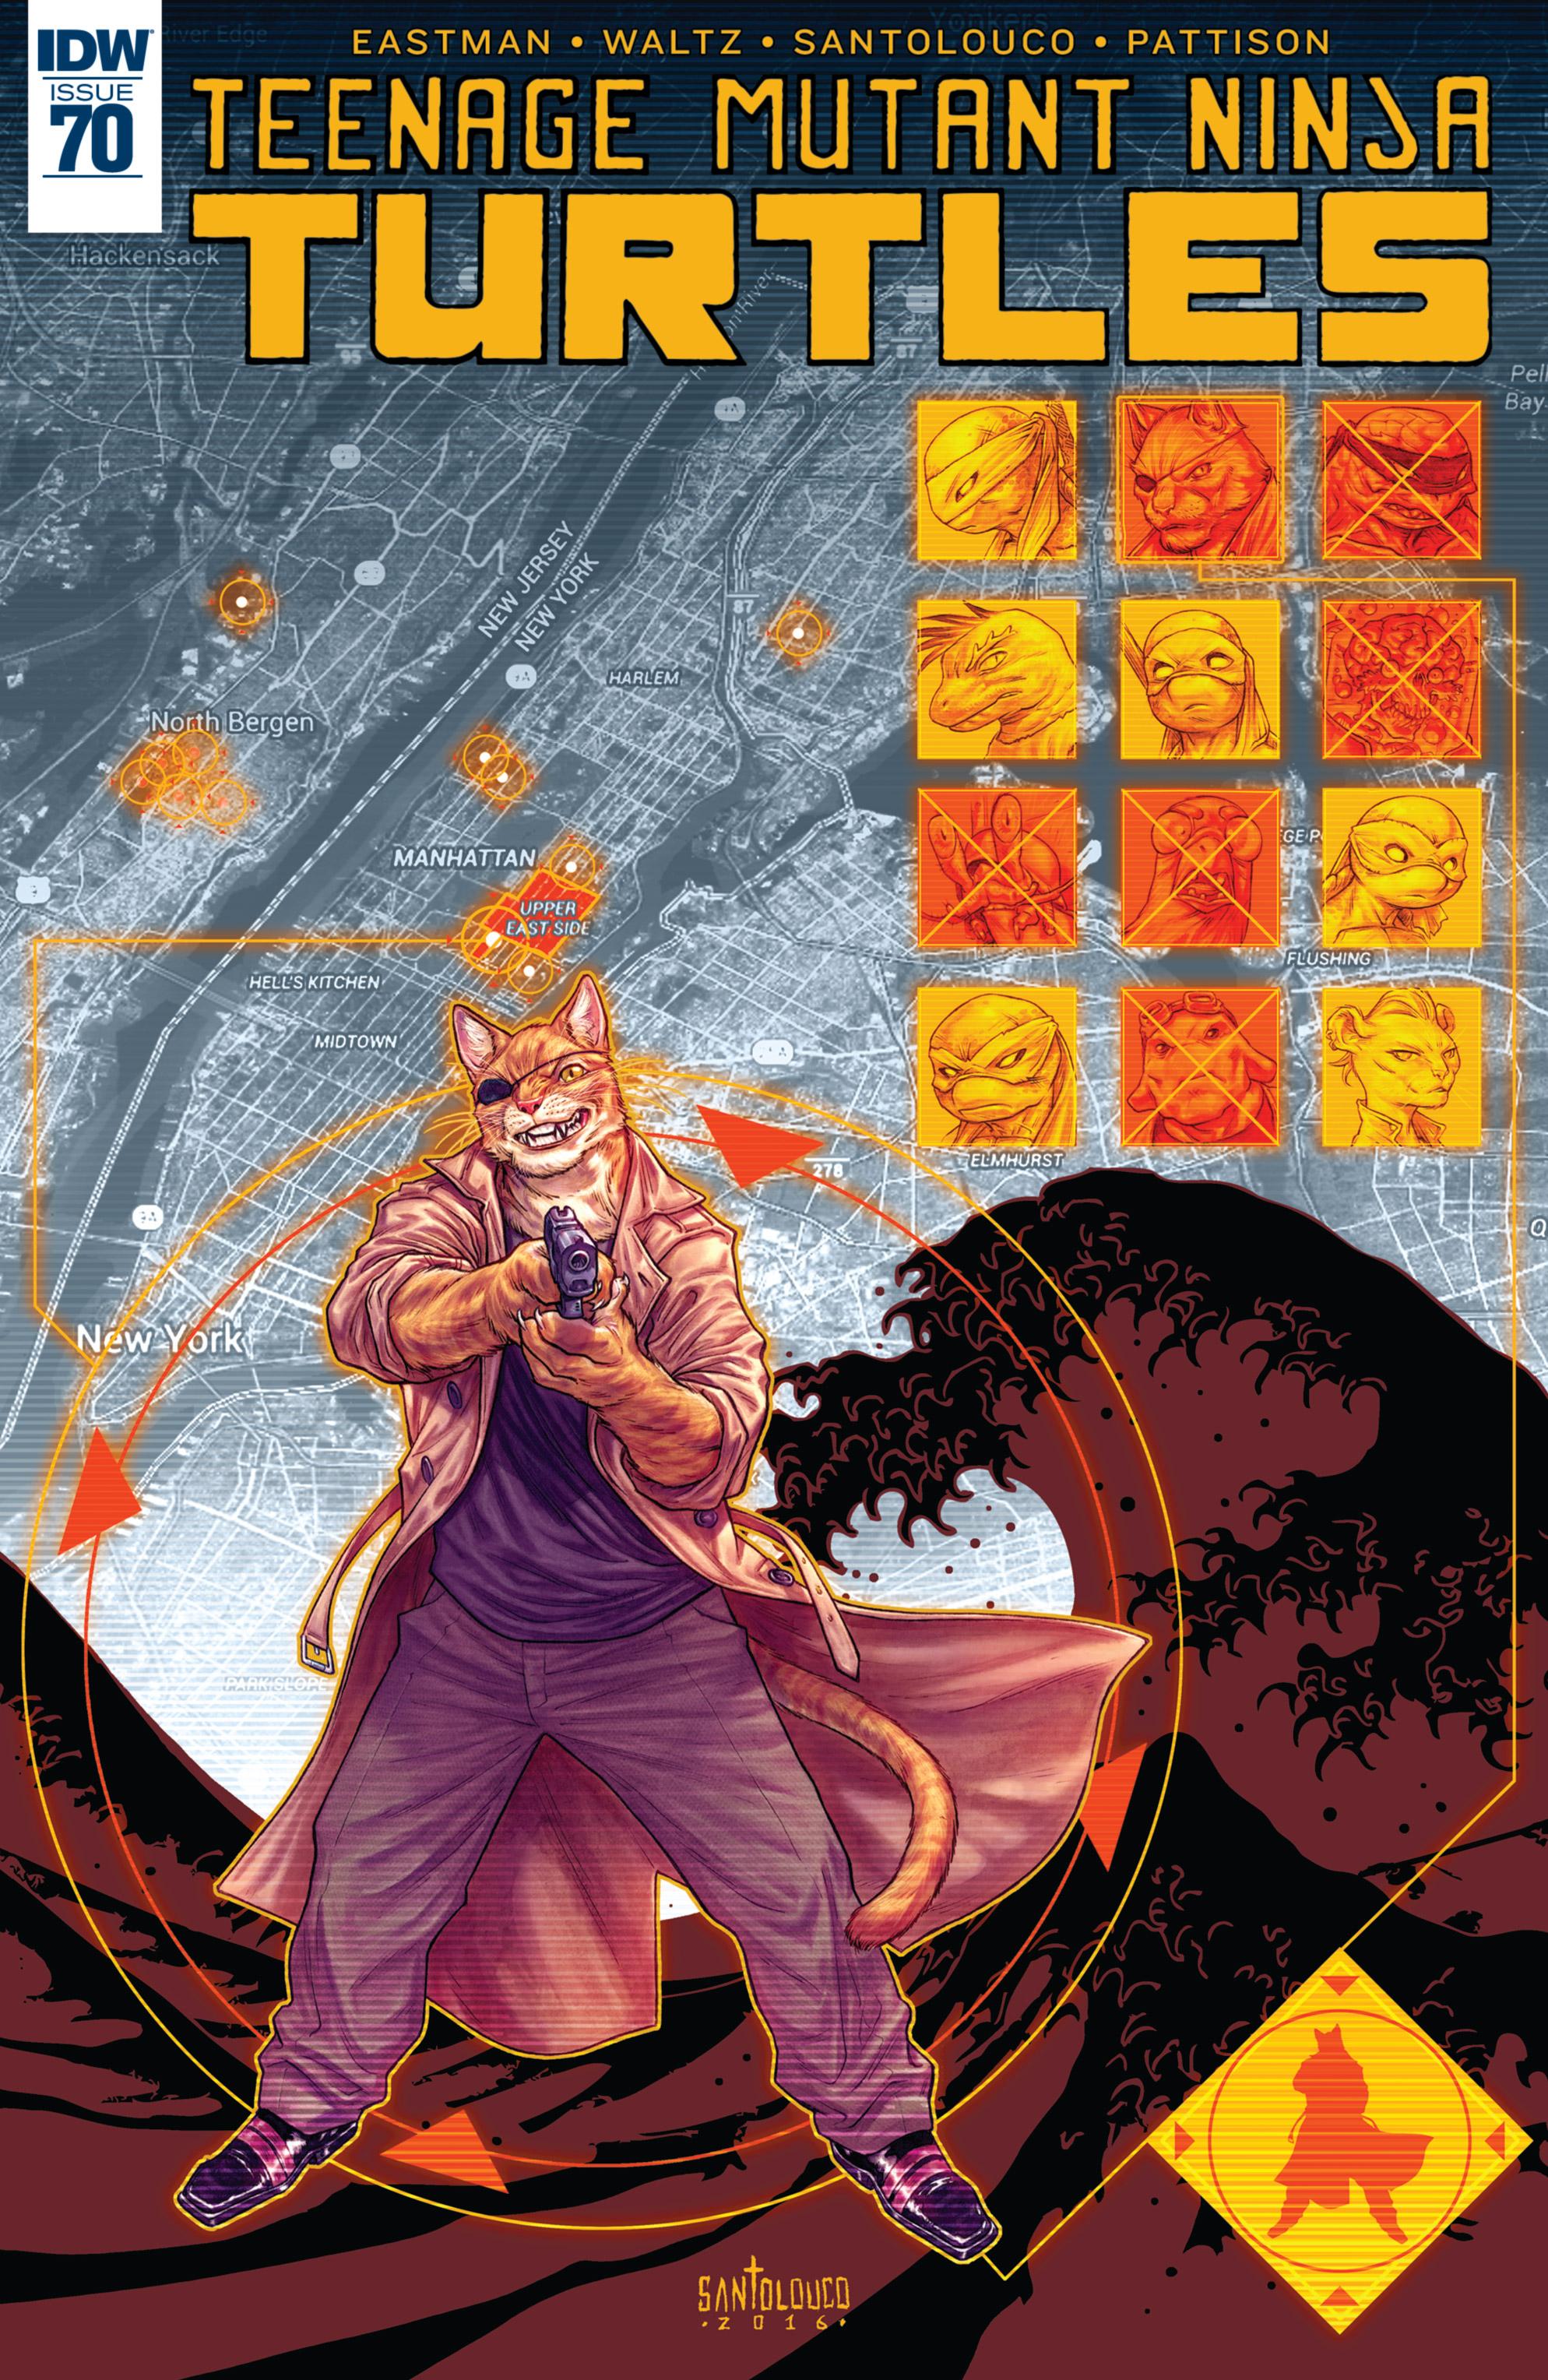 Read online Teenage Mutant Ninja Turtles (2011) comic -  Issue #70 - 1